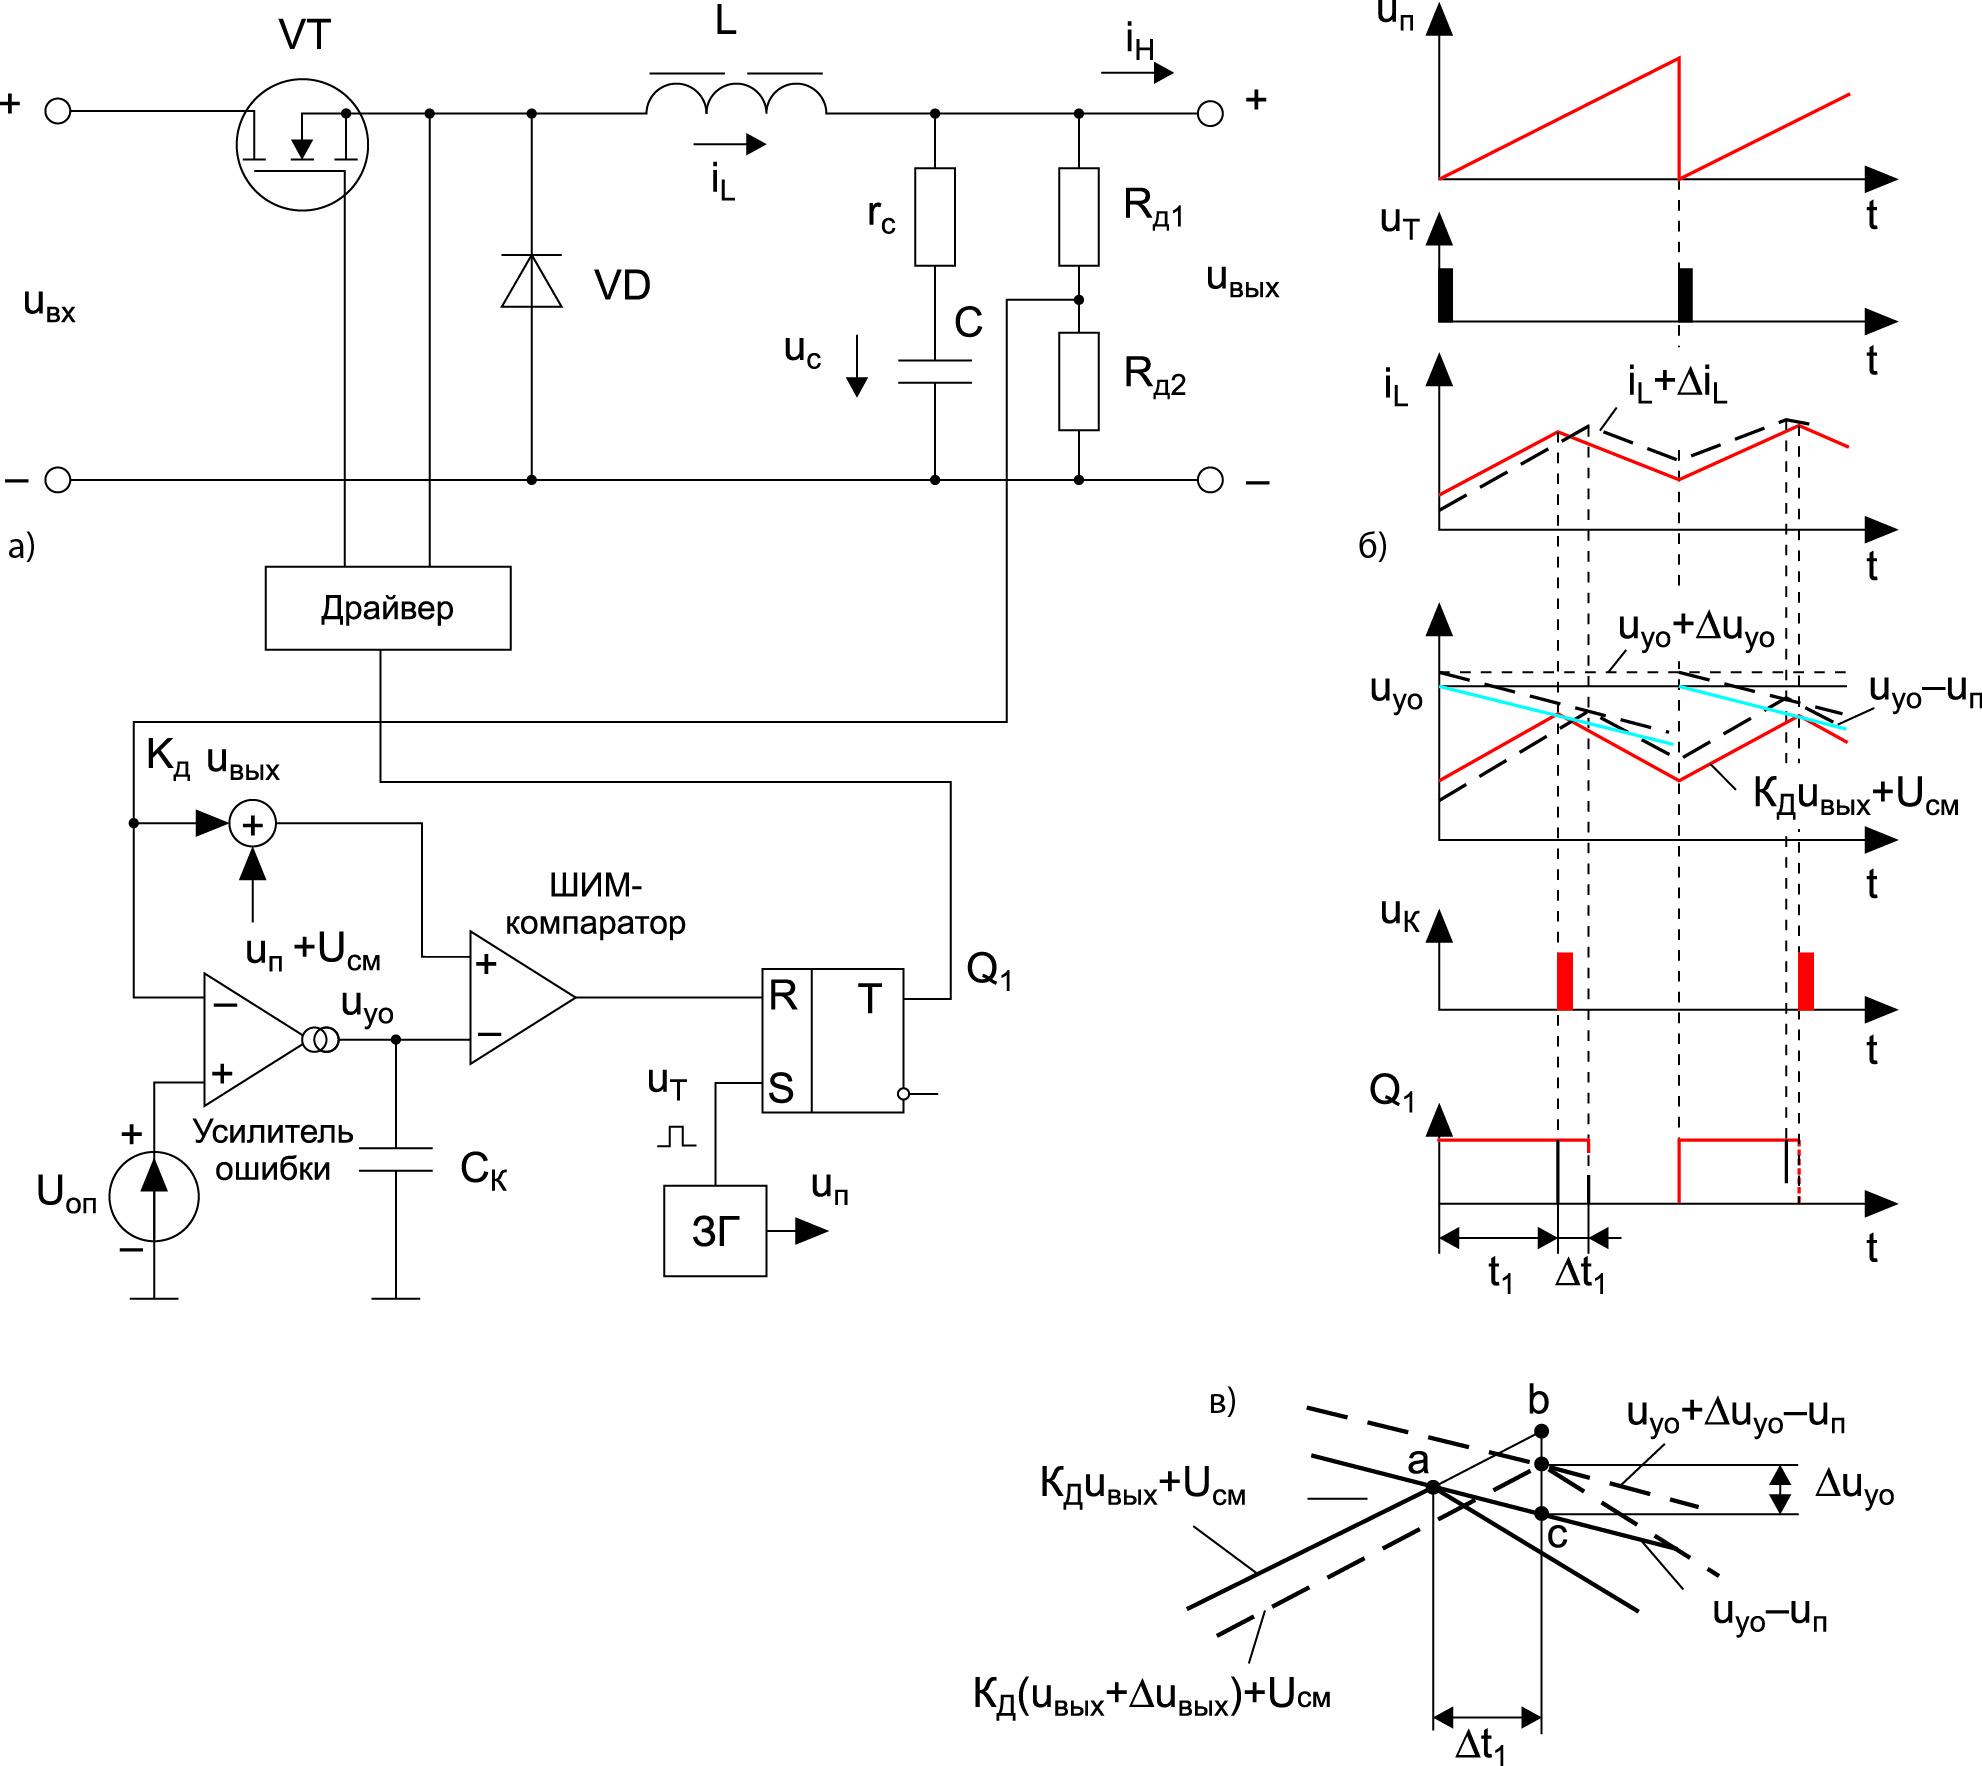 Функциональная схема импульсного преобразователя с управлением методом V2